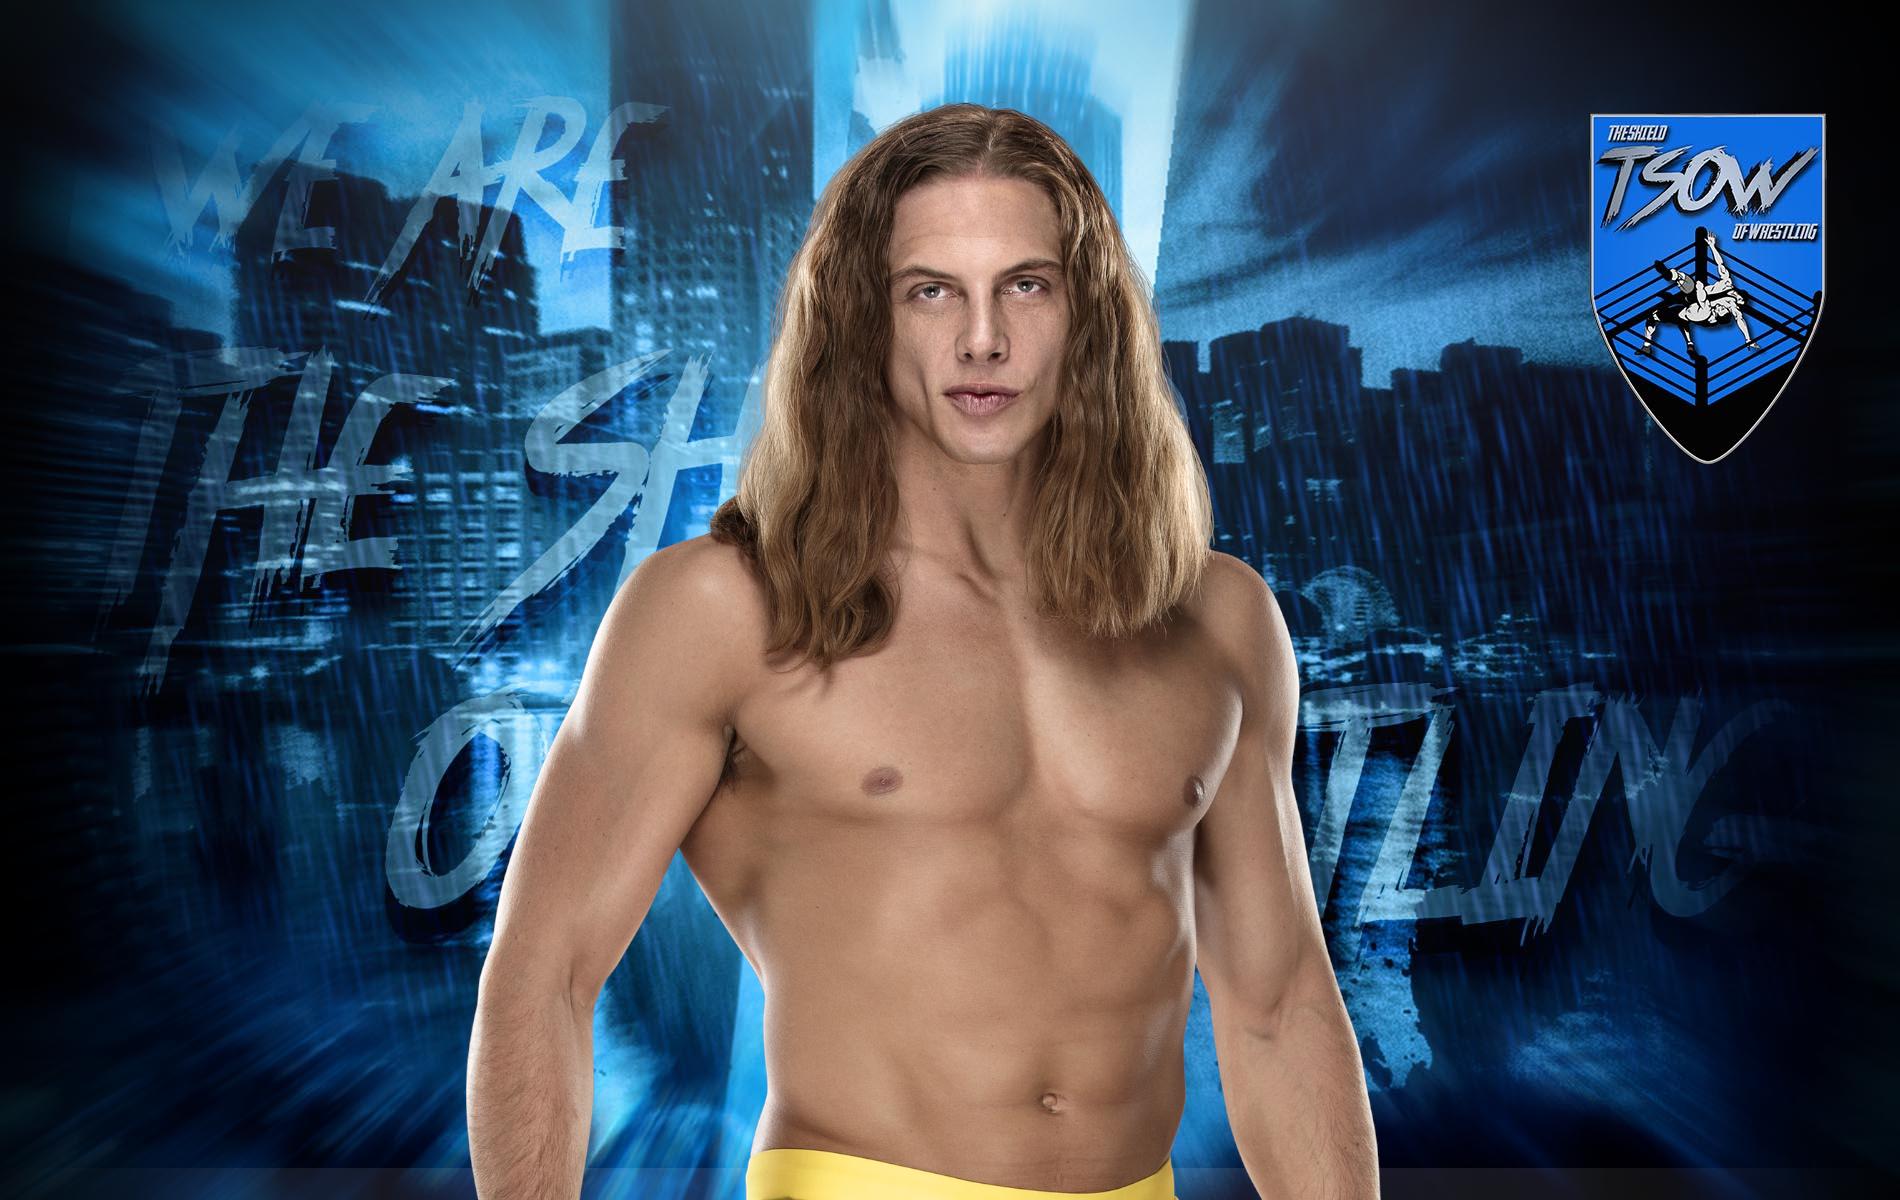 Riddle ha firmato un nuovo contratto con la WWE